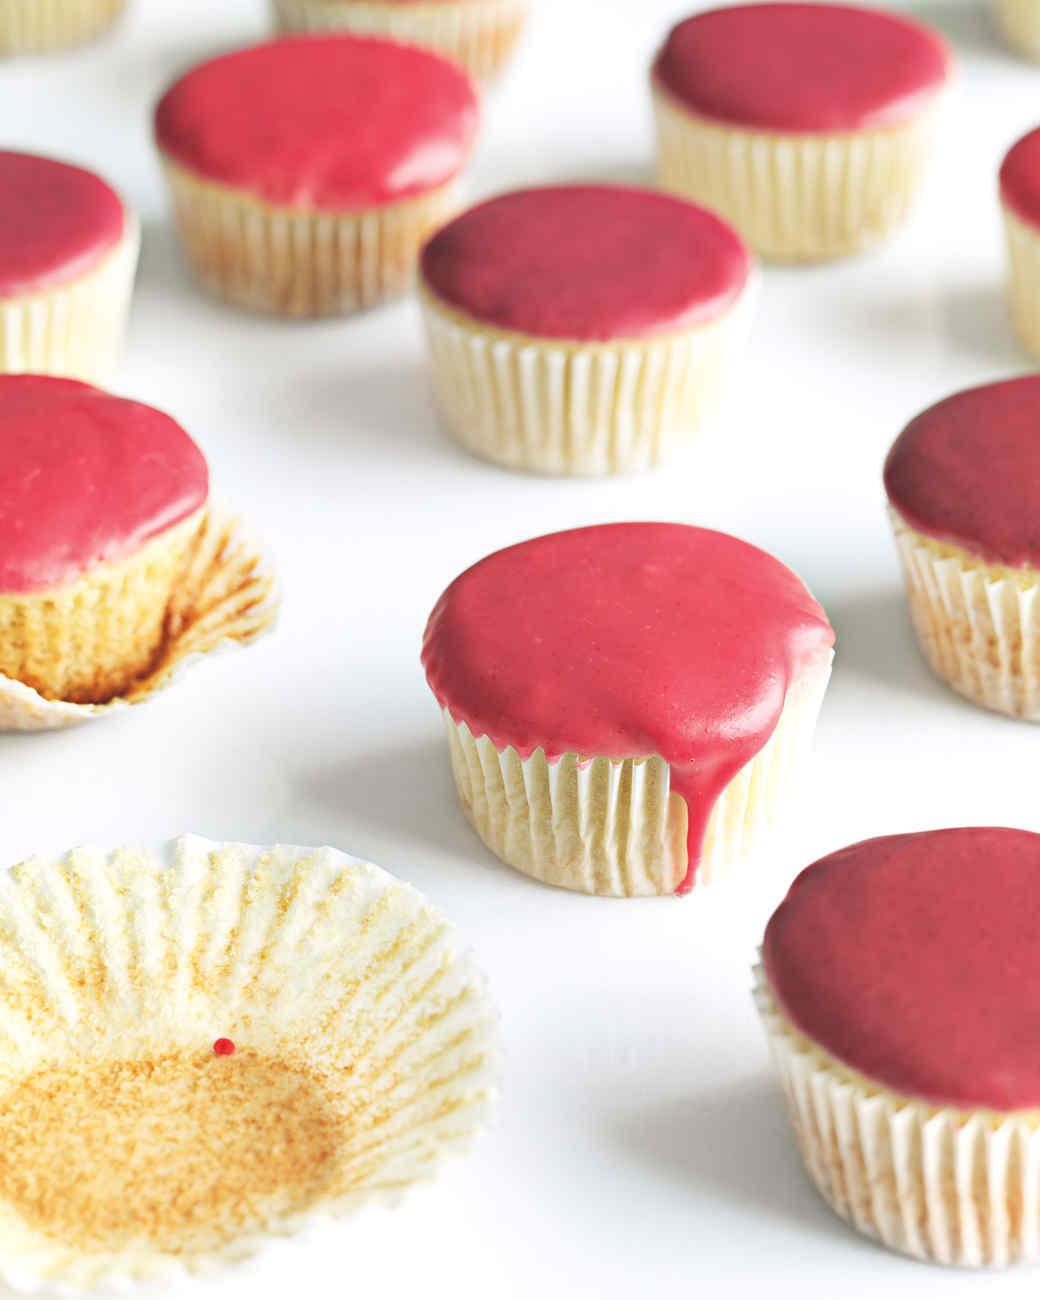 vanilla-cupcakes-fruit-glaze-med107845.jpg